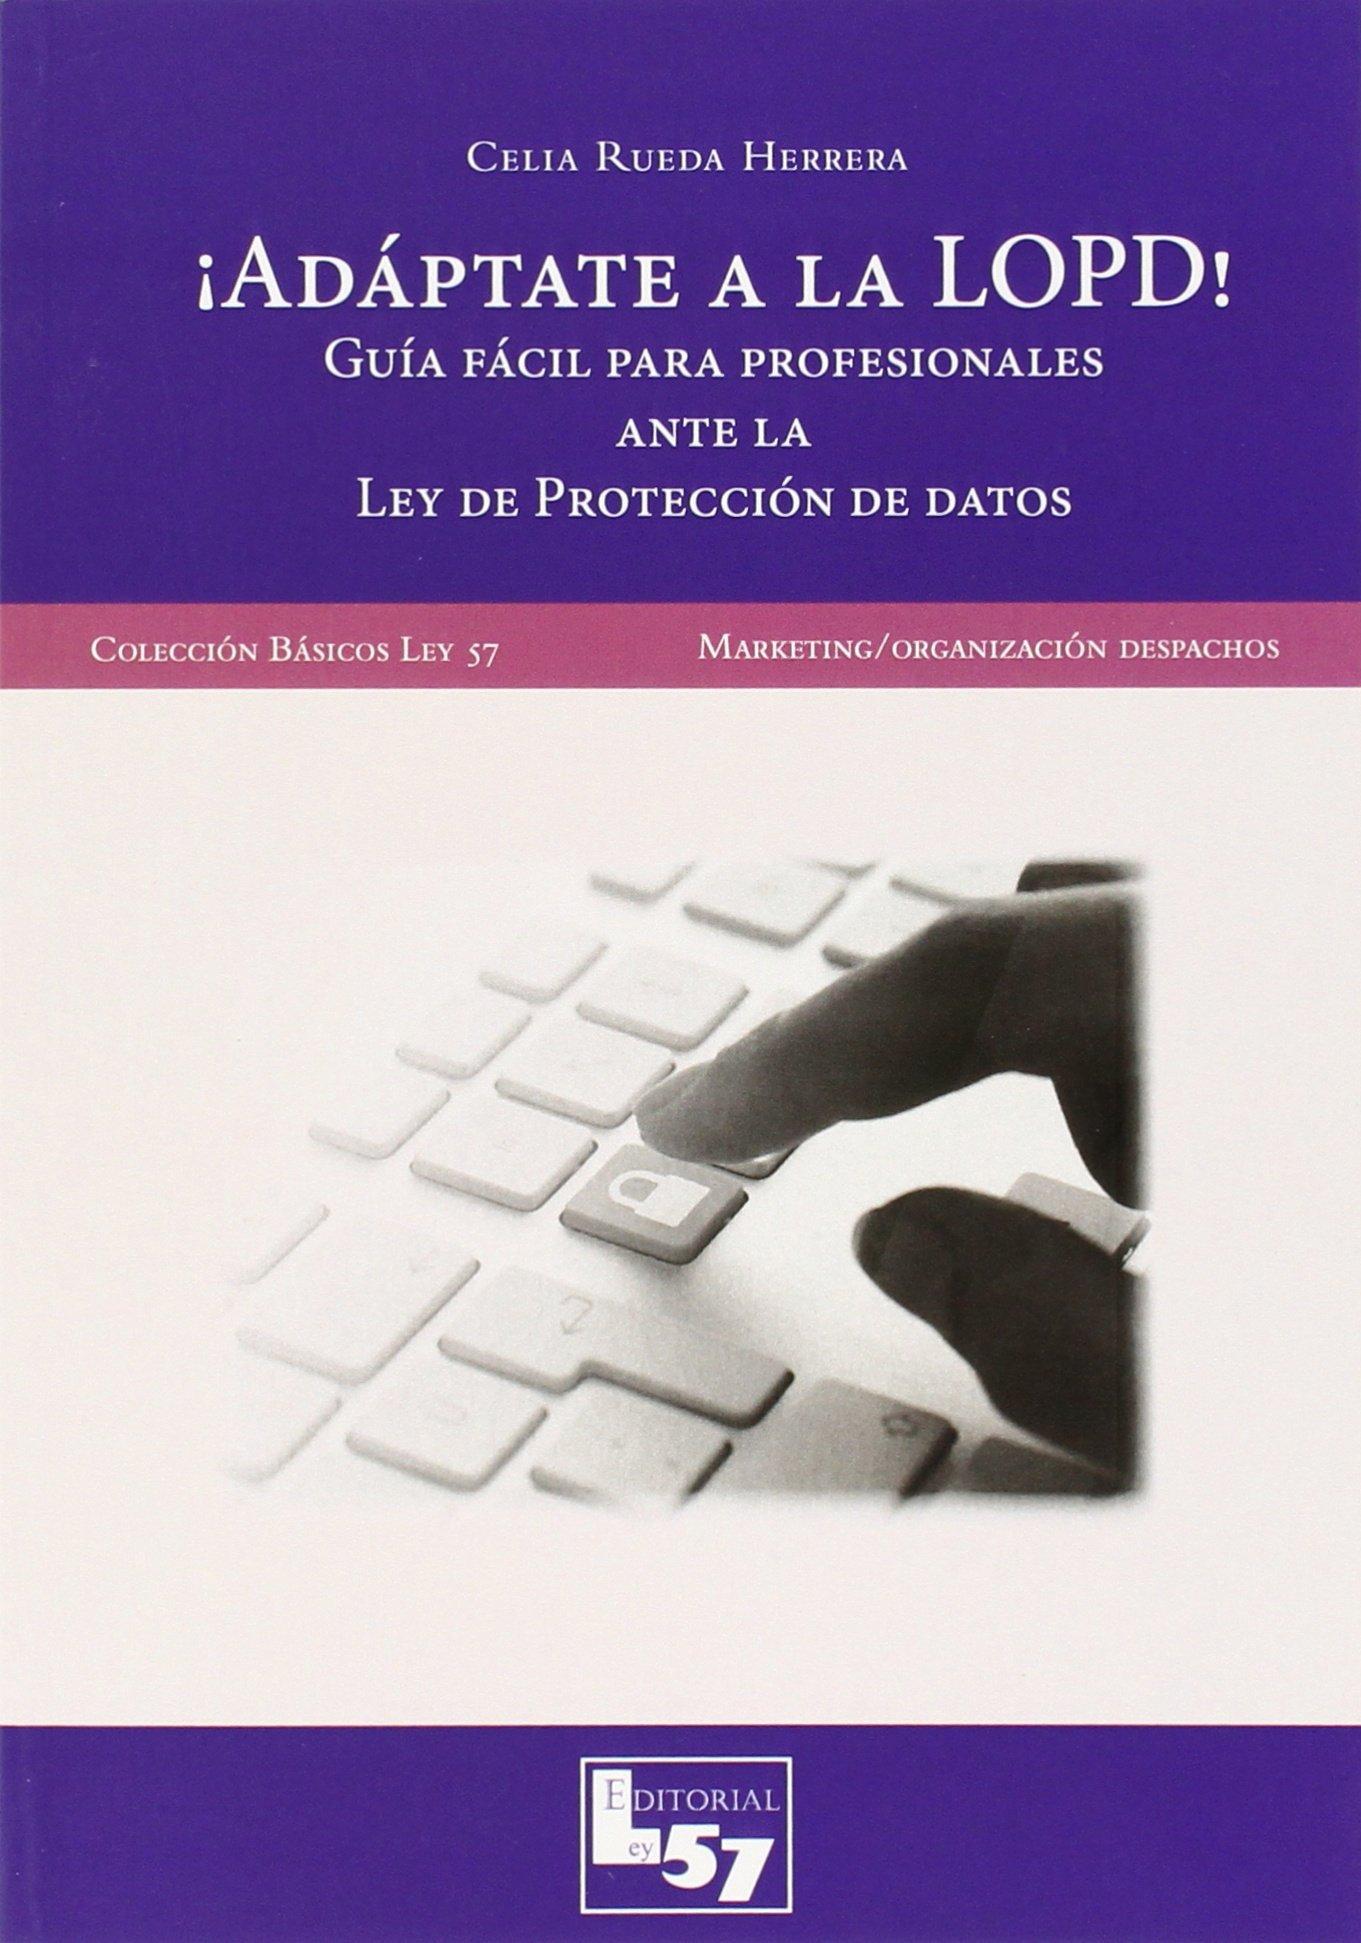 ÁADÁPTATE A LA LOPD!: GUIA FÁCIL PARA PROFESIONALES: Celia ...